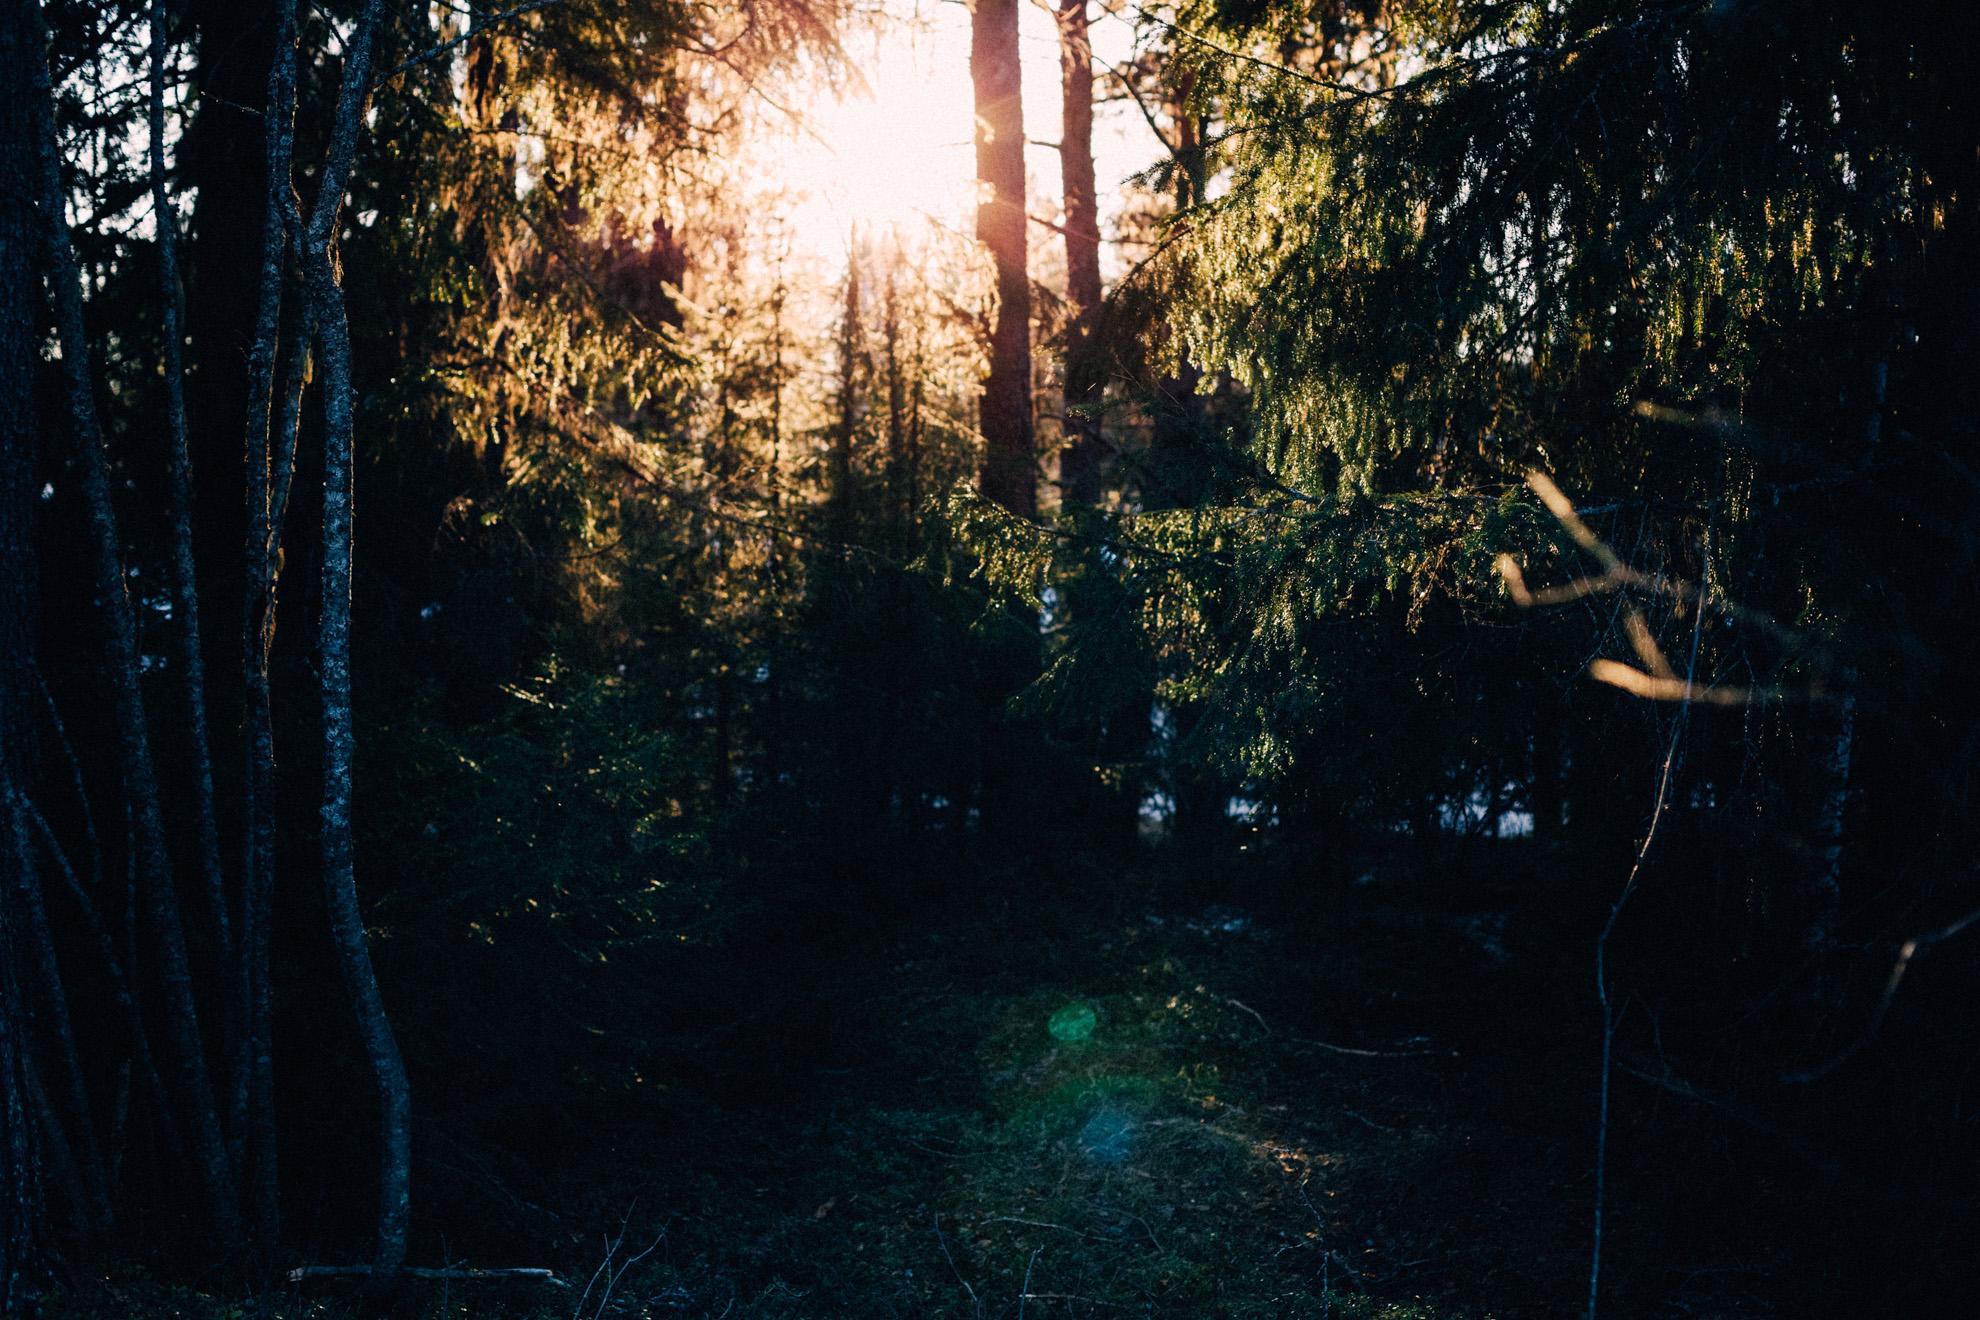 Skog i solnedgång